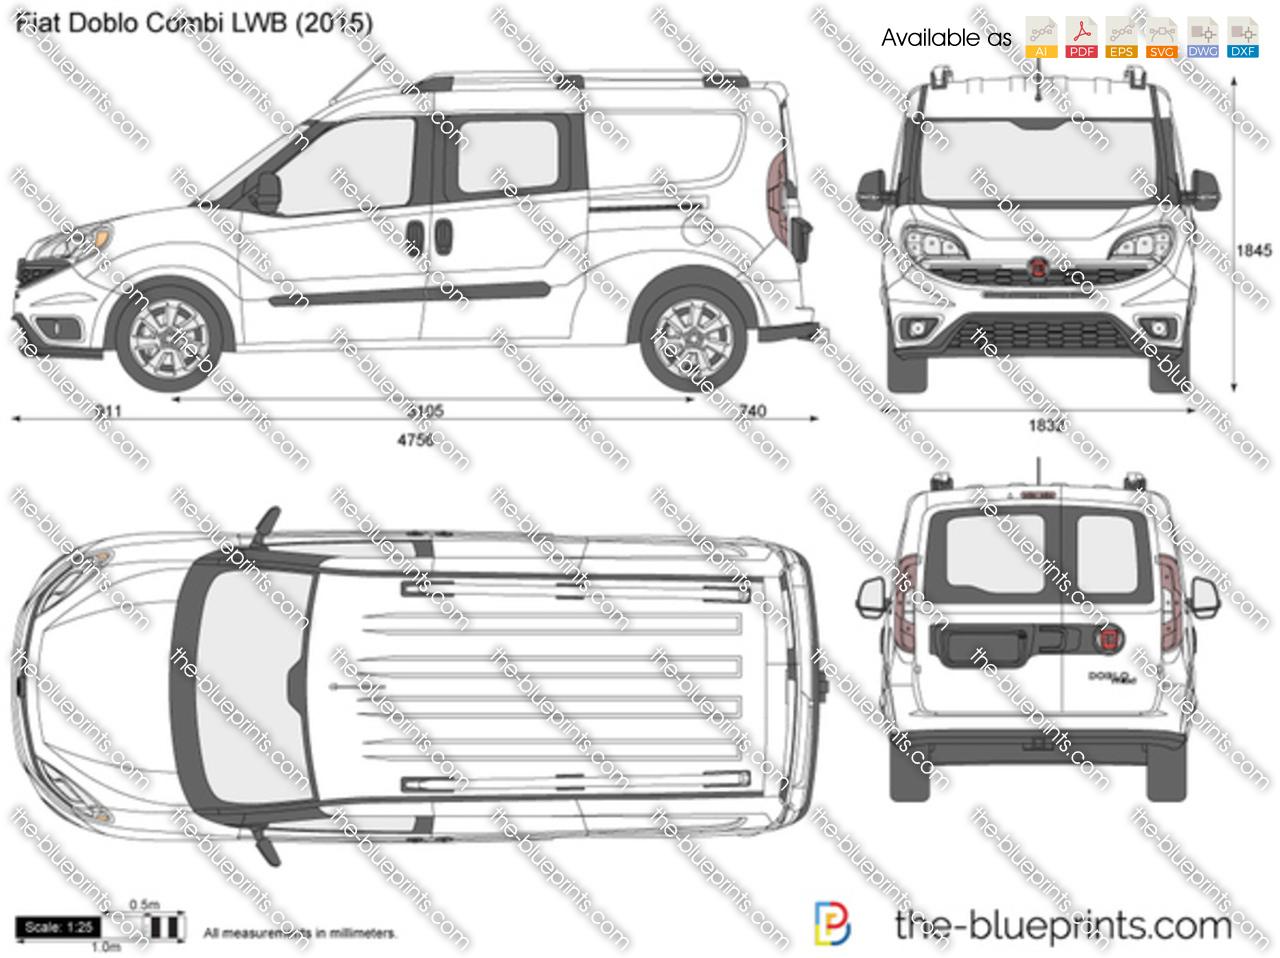 Fiat Doblo LWB Combi Maxi 2018